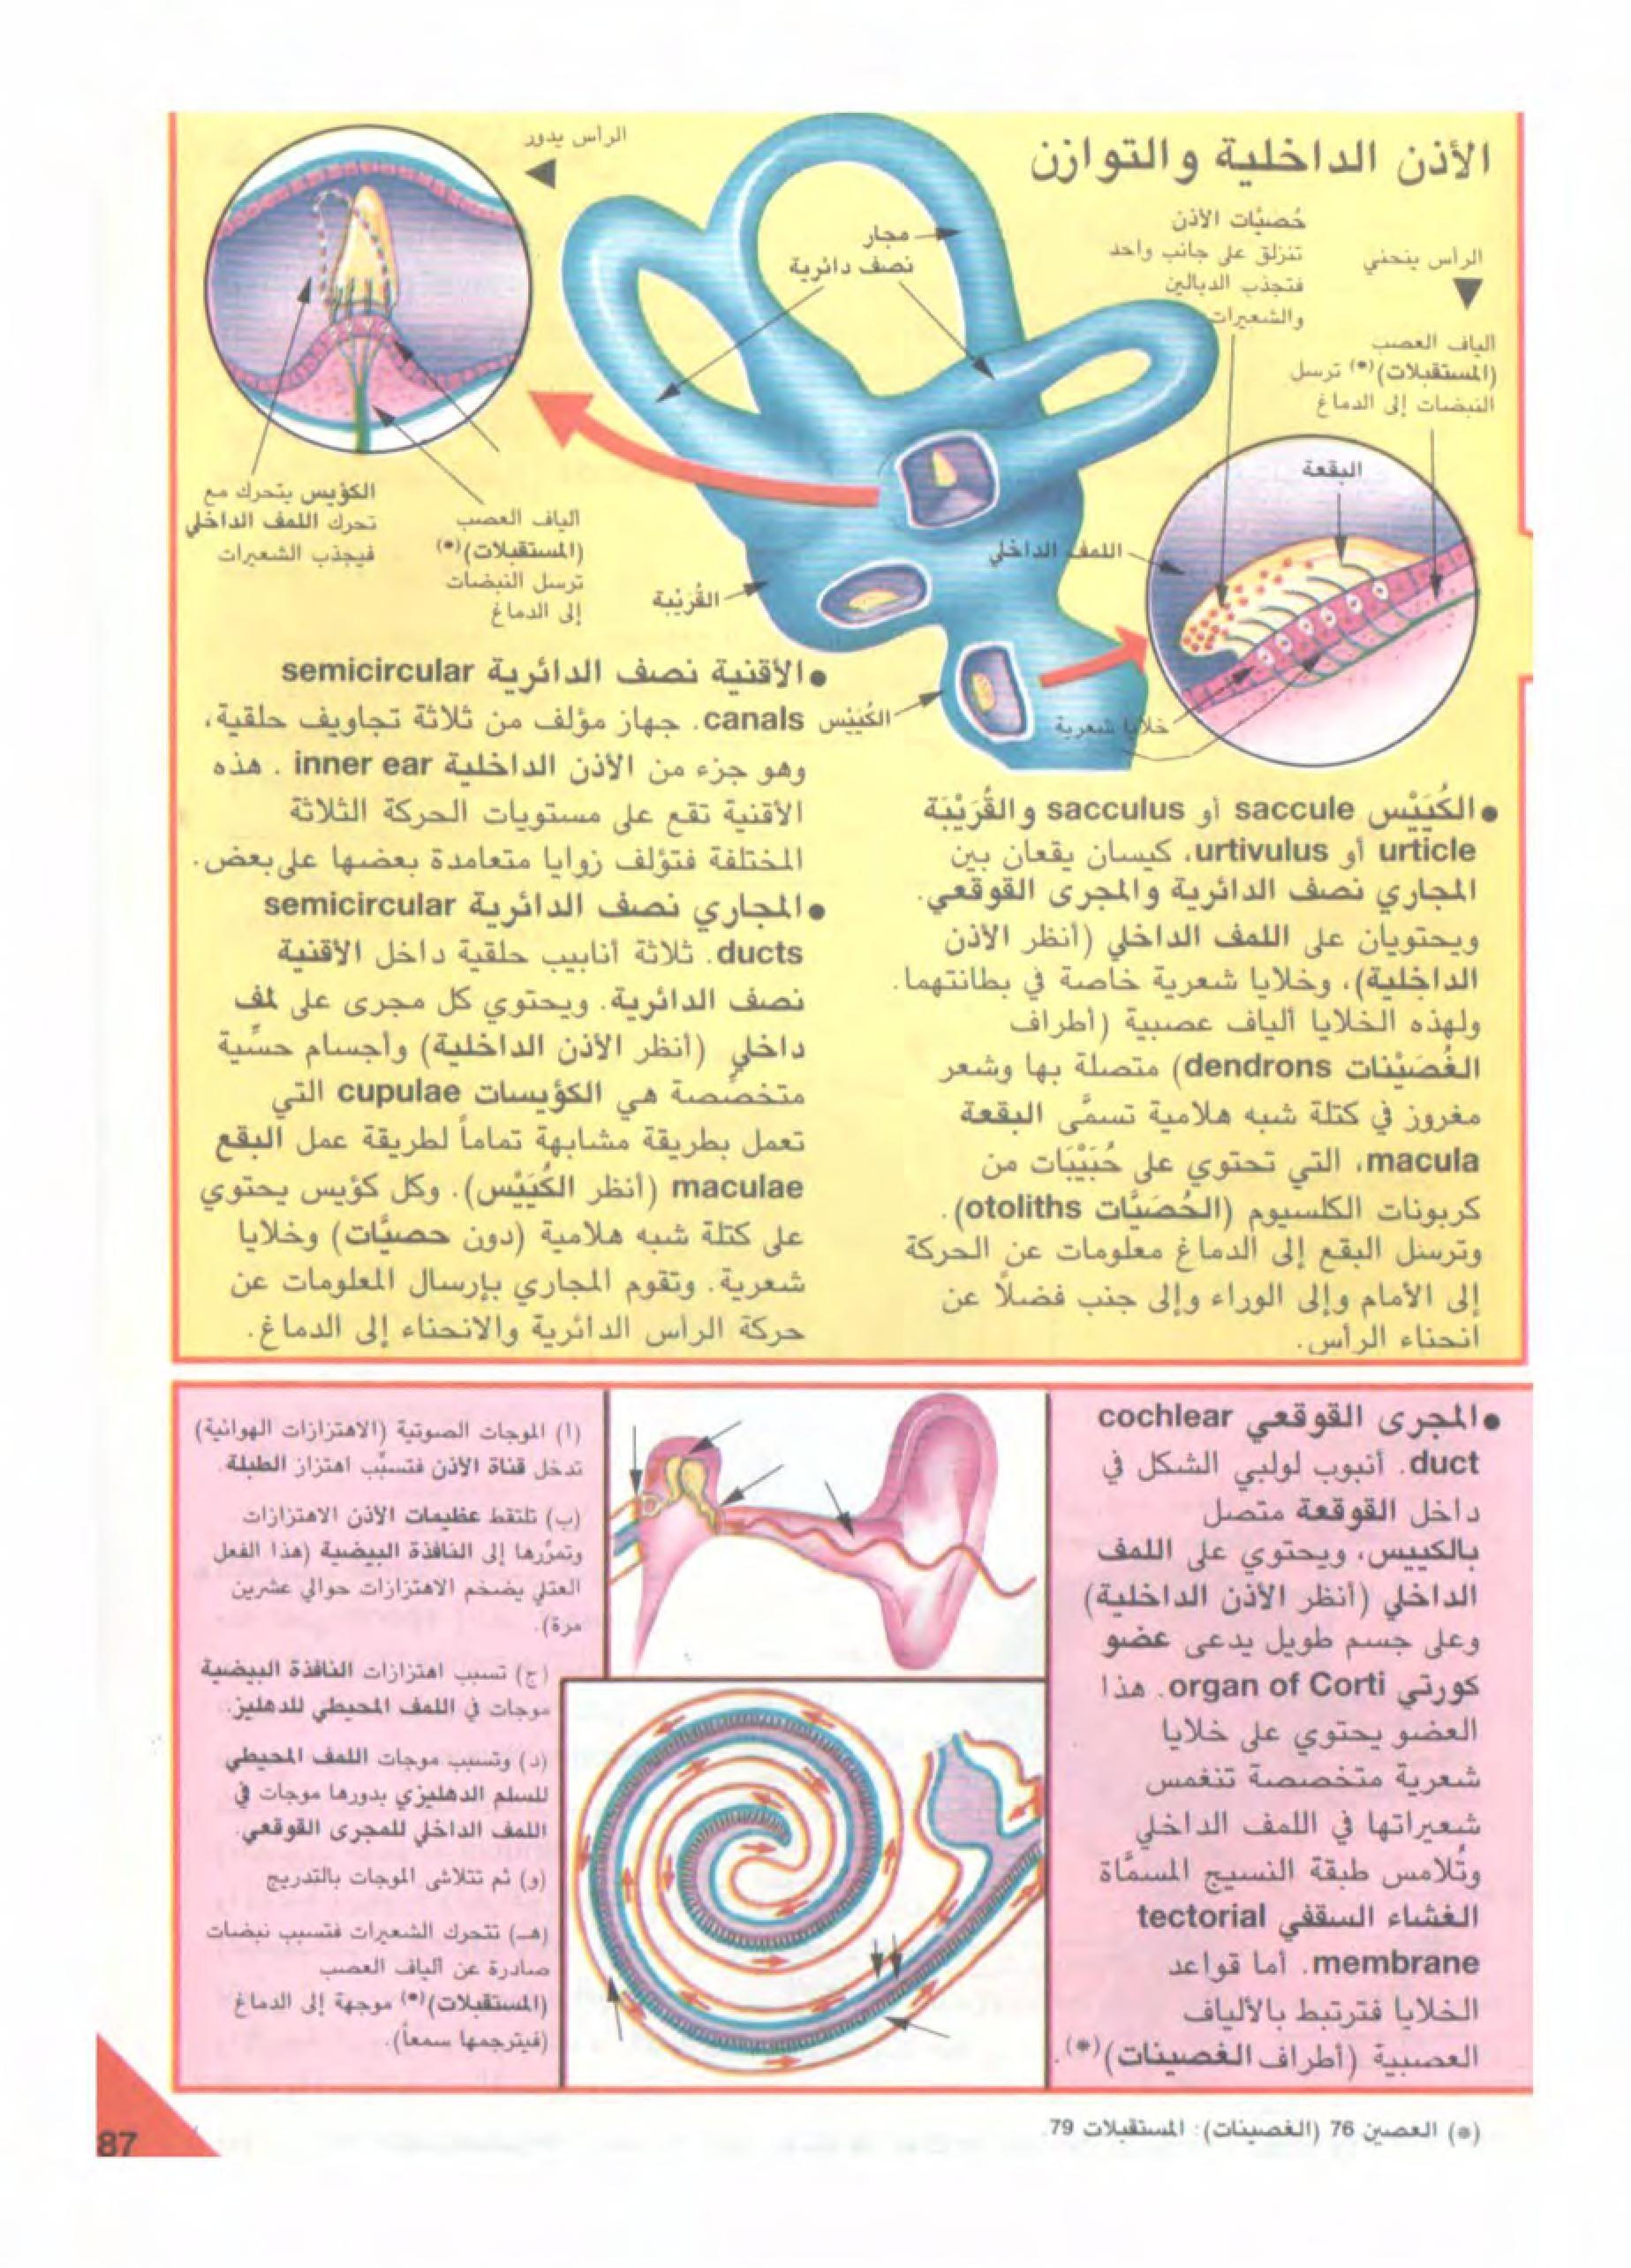 لن تصدق ماذا يحصل بعد وضع قطرات الزيت داخل الأذن Ear Infection Home Remedies Ear Infection Remedy Ear Wax